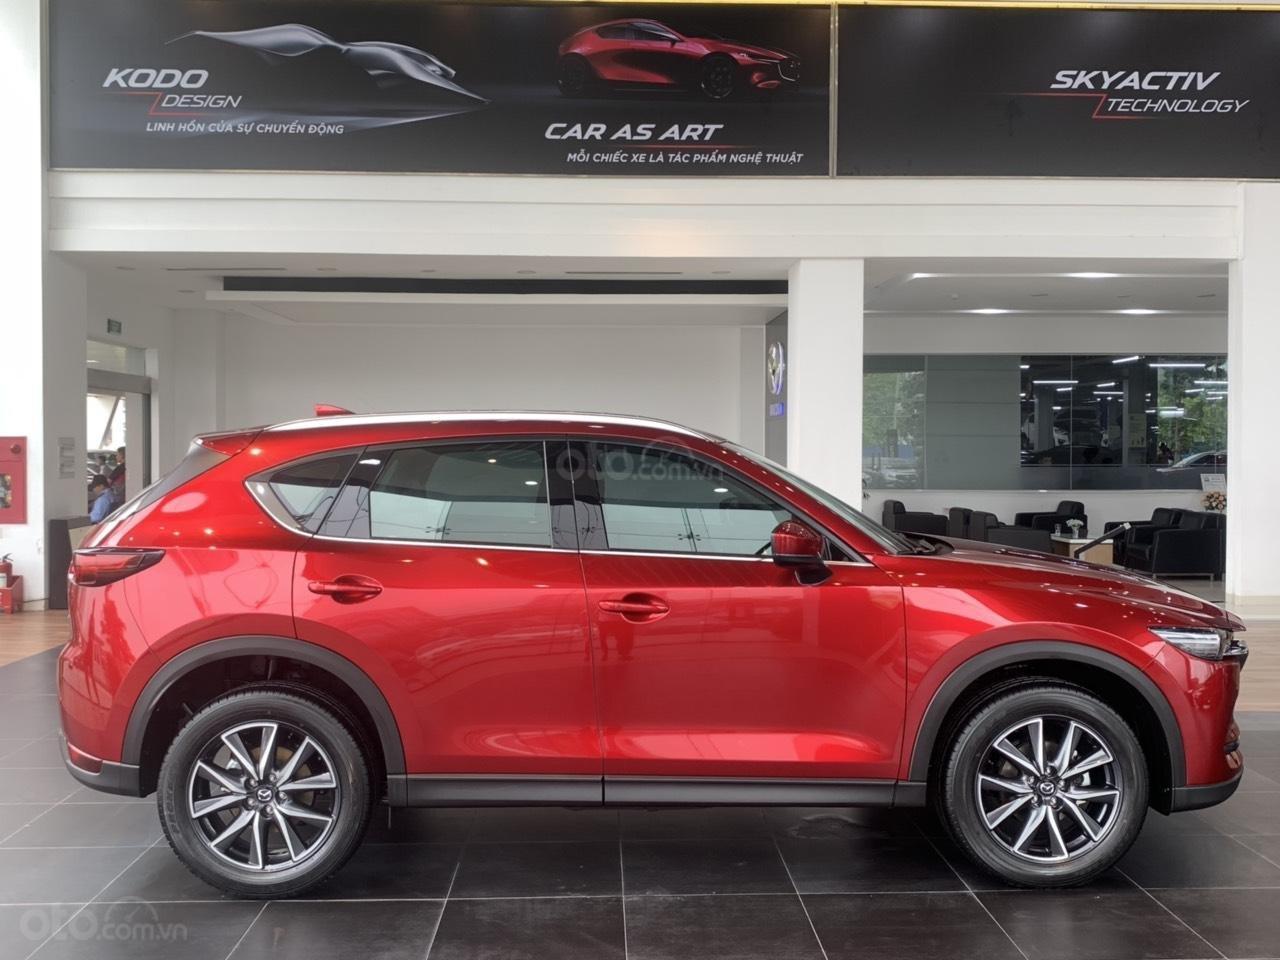 Mazda CX5 2.0 2019 ưu đãi T11 100tr, TG 90%, hỗ trợ giao xe, ĐKĐK, giải quyết nợ xấu, LH 0981 485 819 (2)